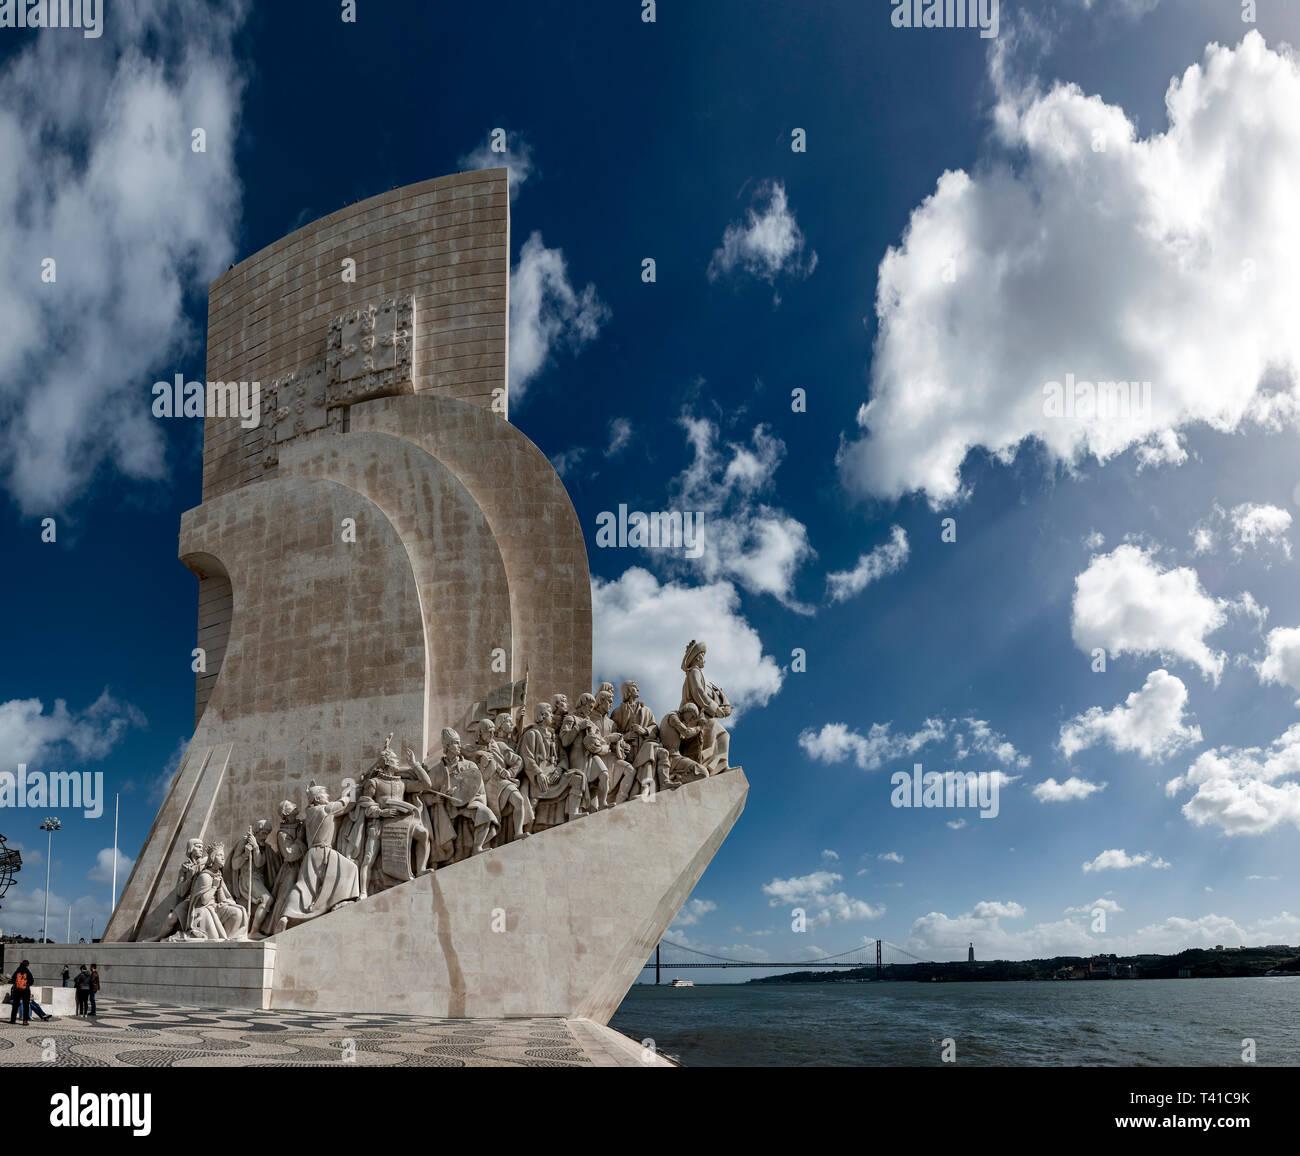 Padrão dos Descobrimentos (Monument of the Discoveries), Belem, Lisbon, Portugal - Stock Image